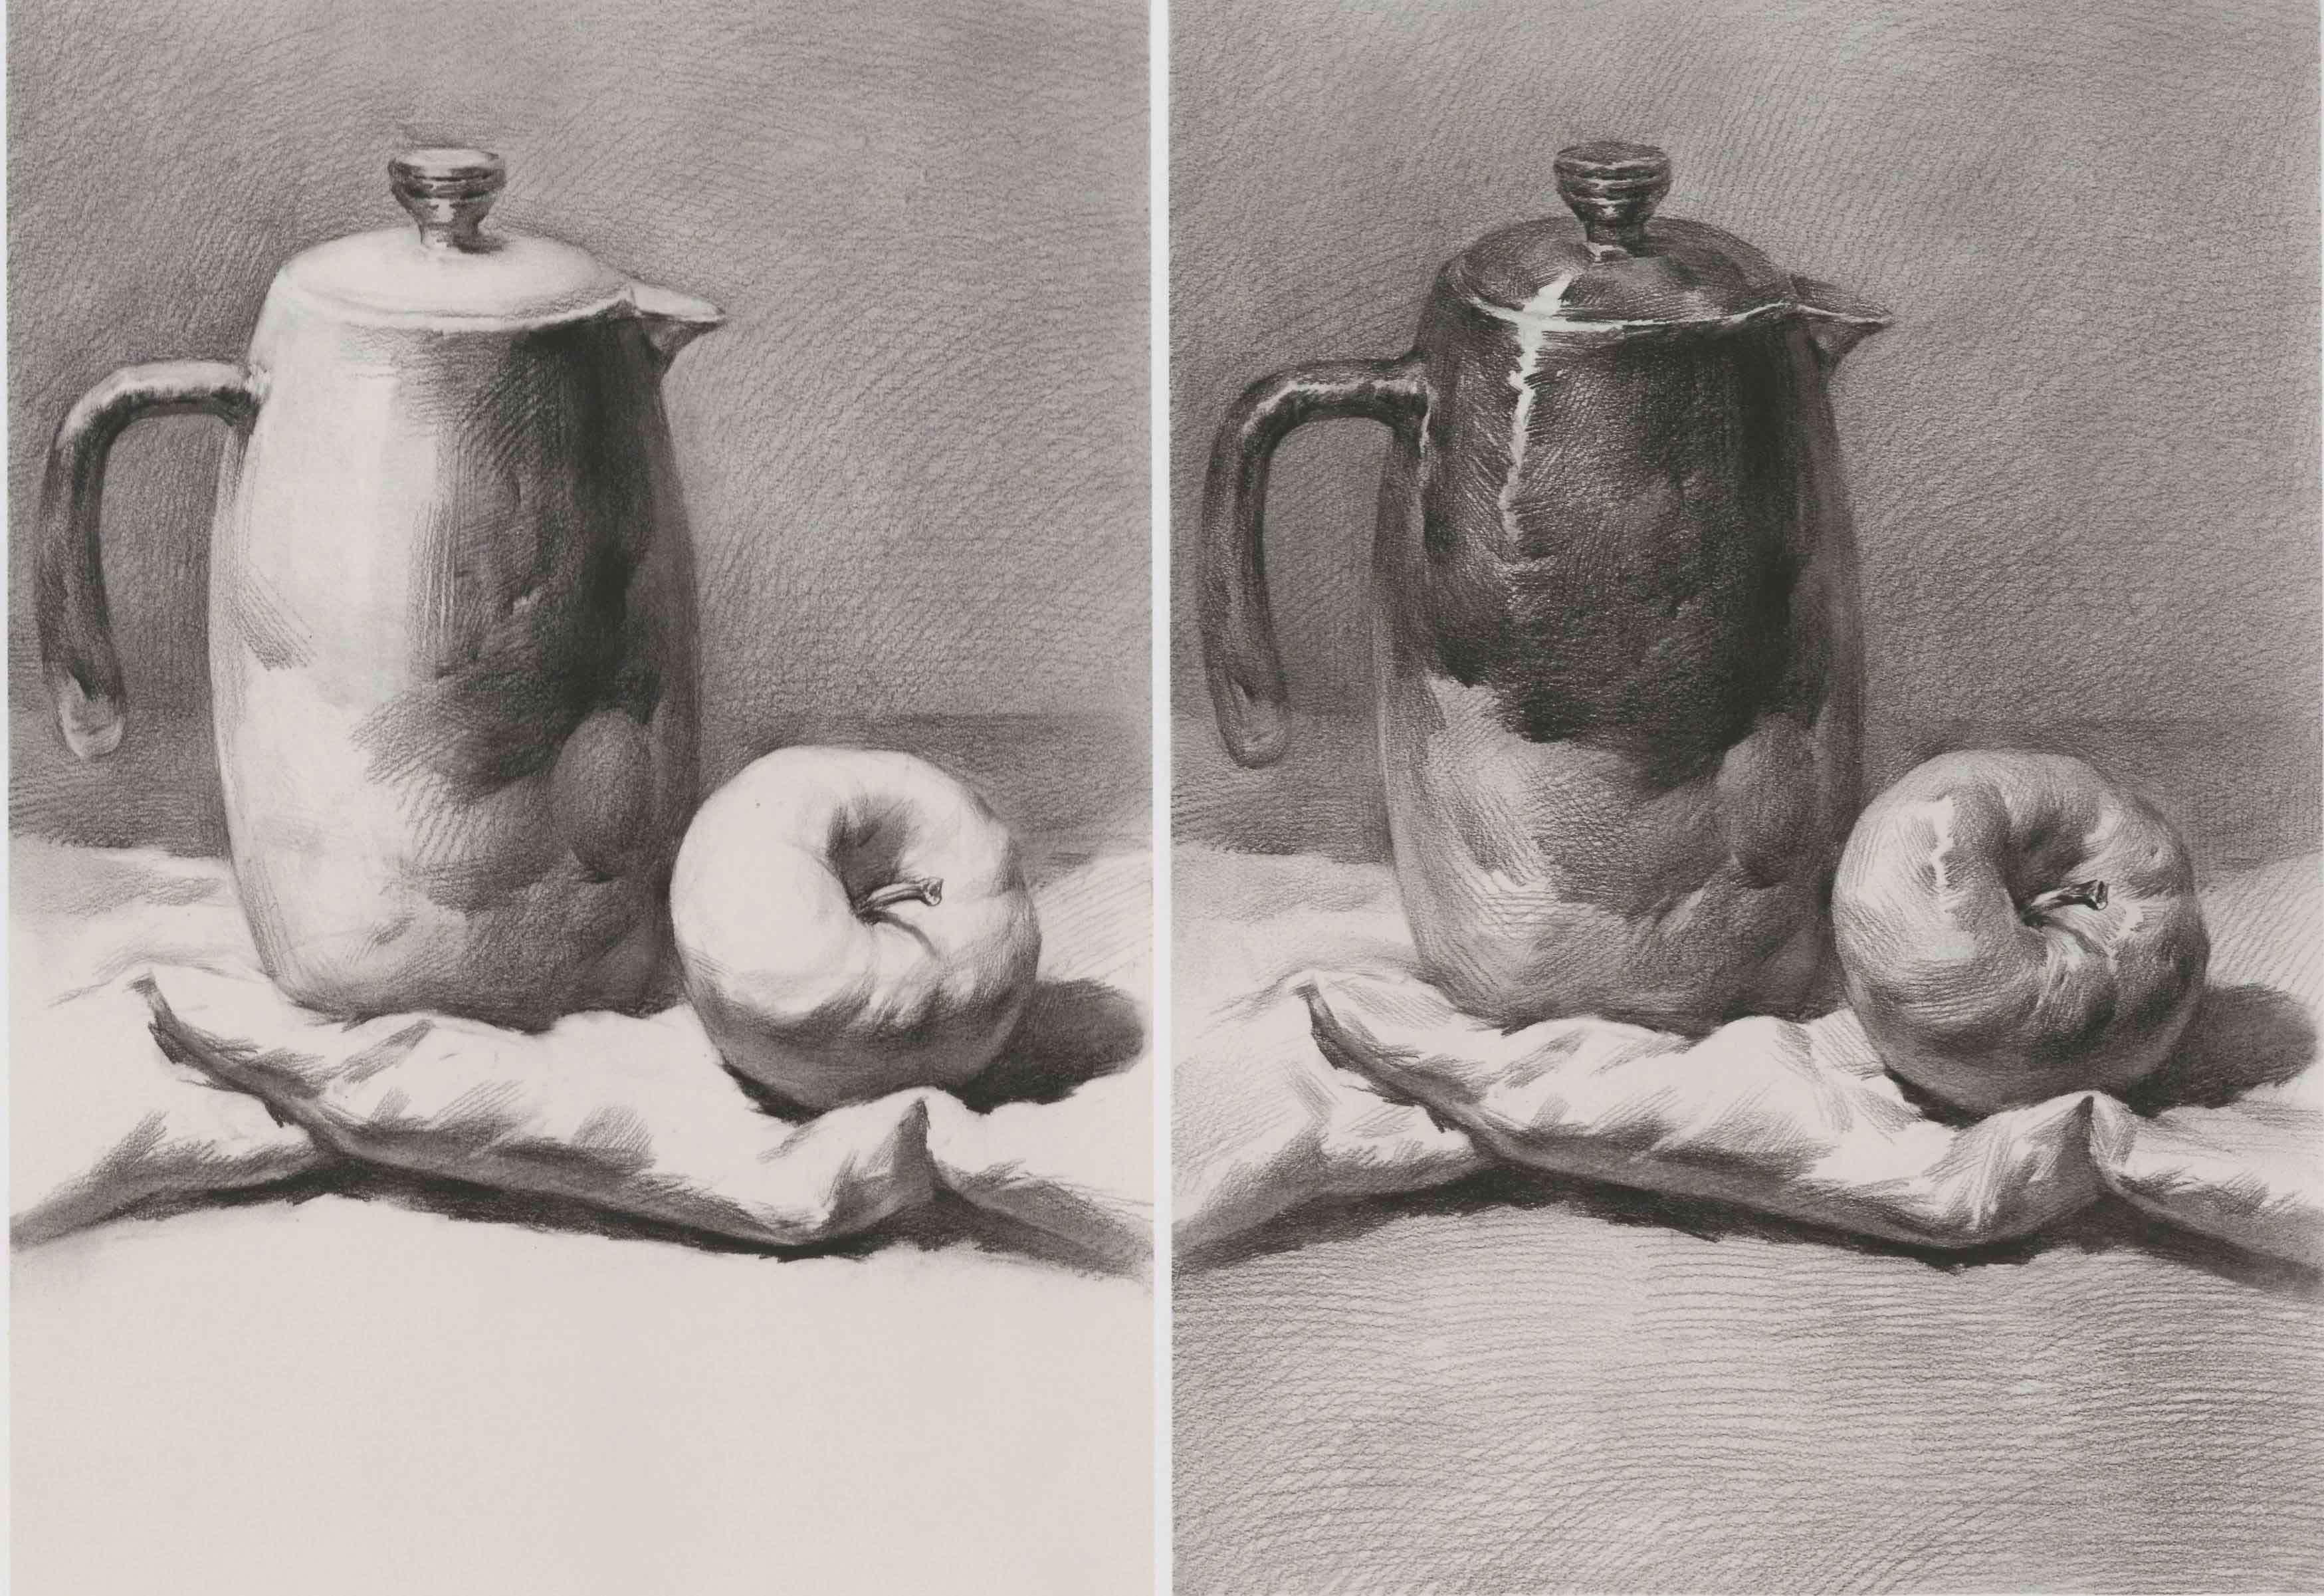 素描静物:壶和苹果组合 超清